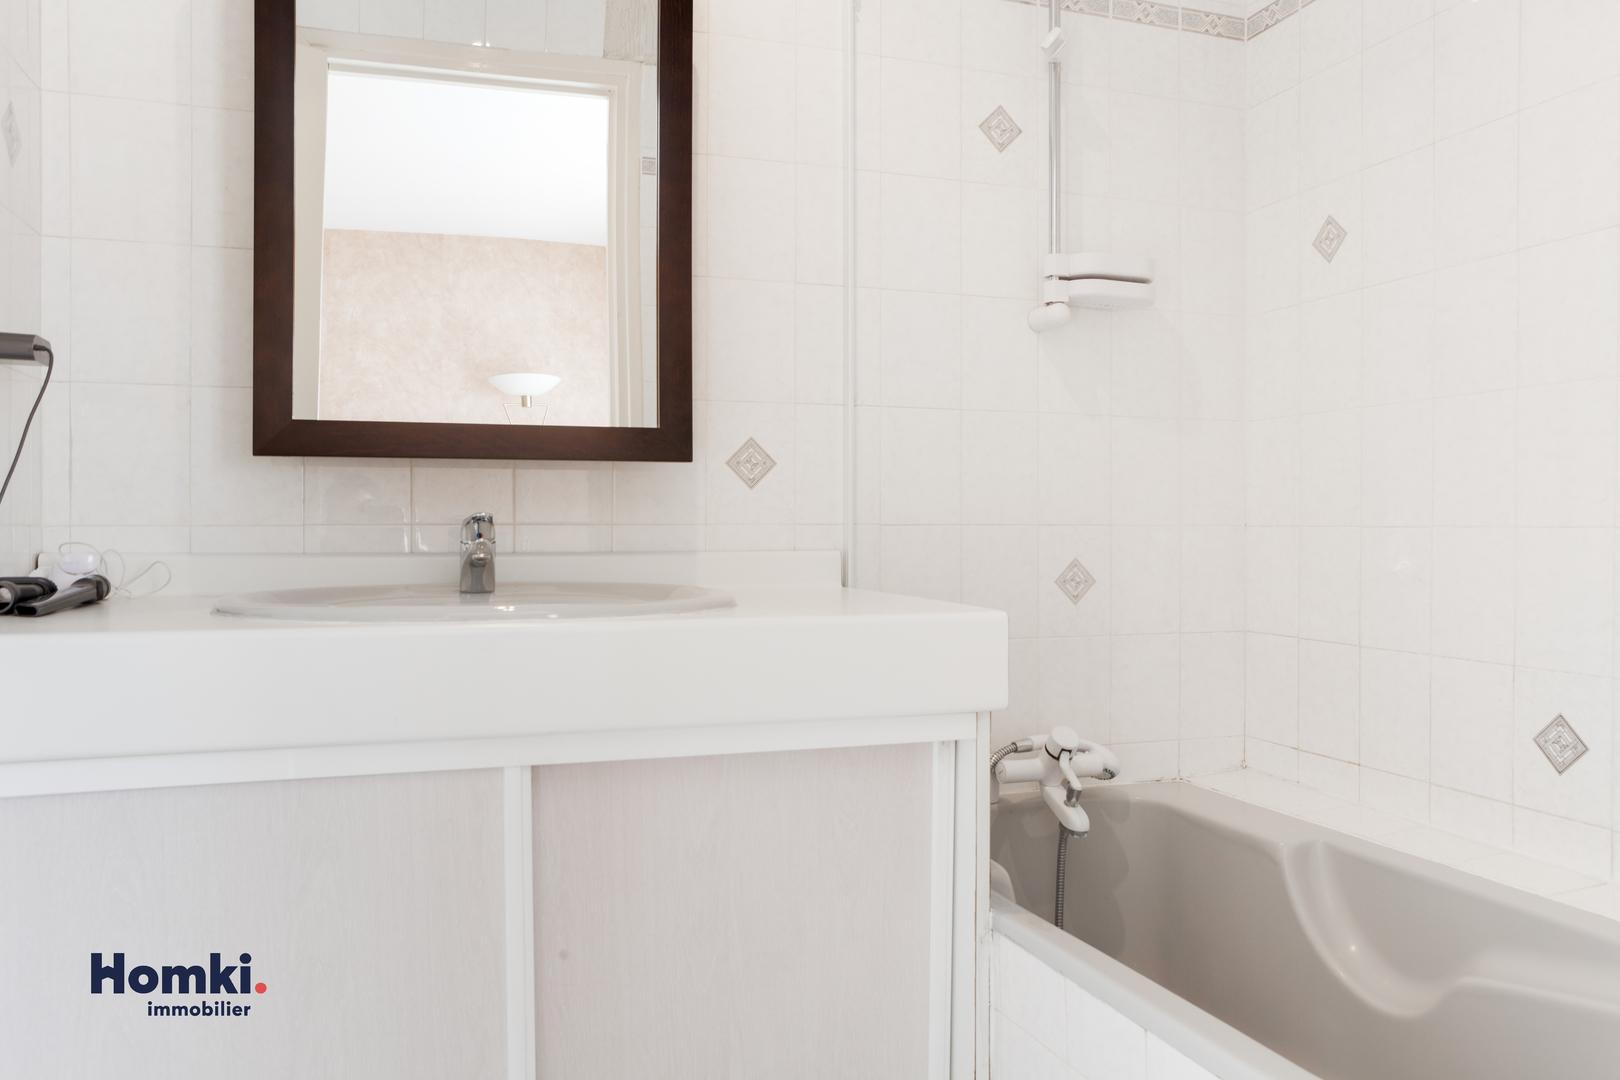 Maison I 150 m² I T4/5 I 69500 | photo 11